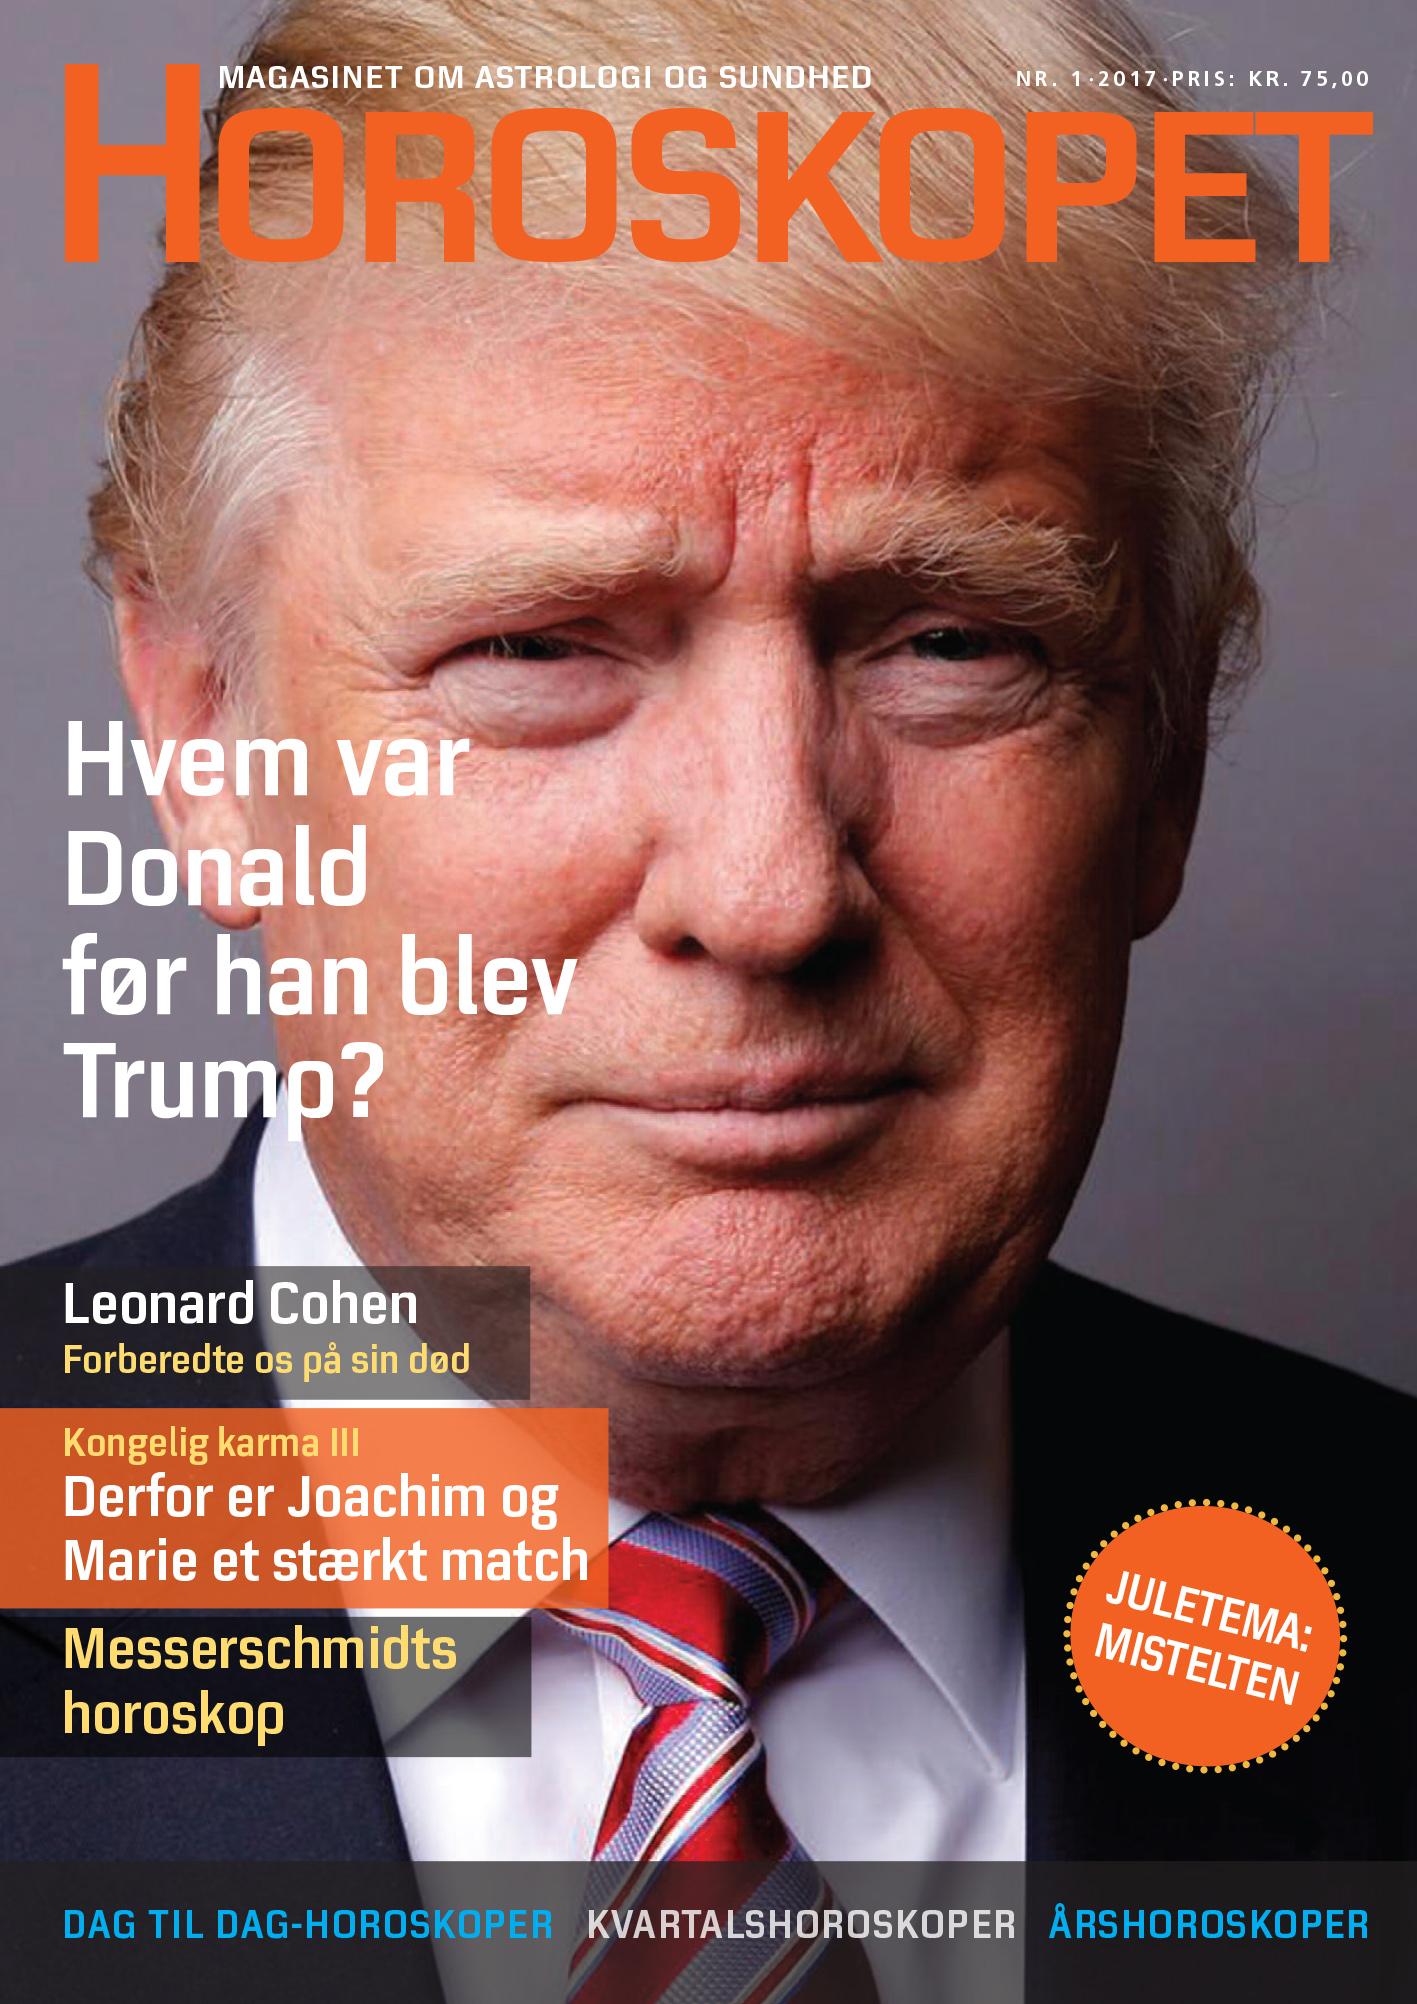 magasin blad